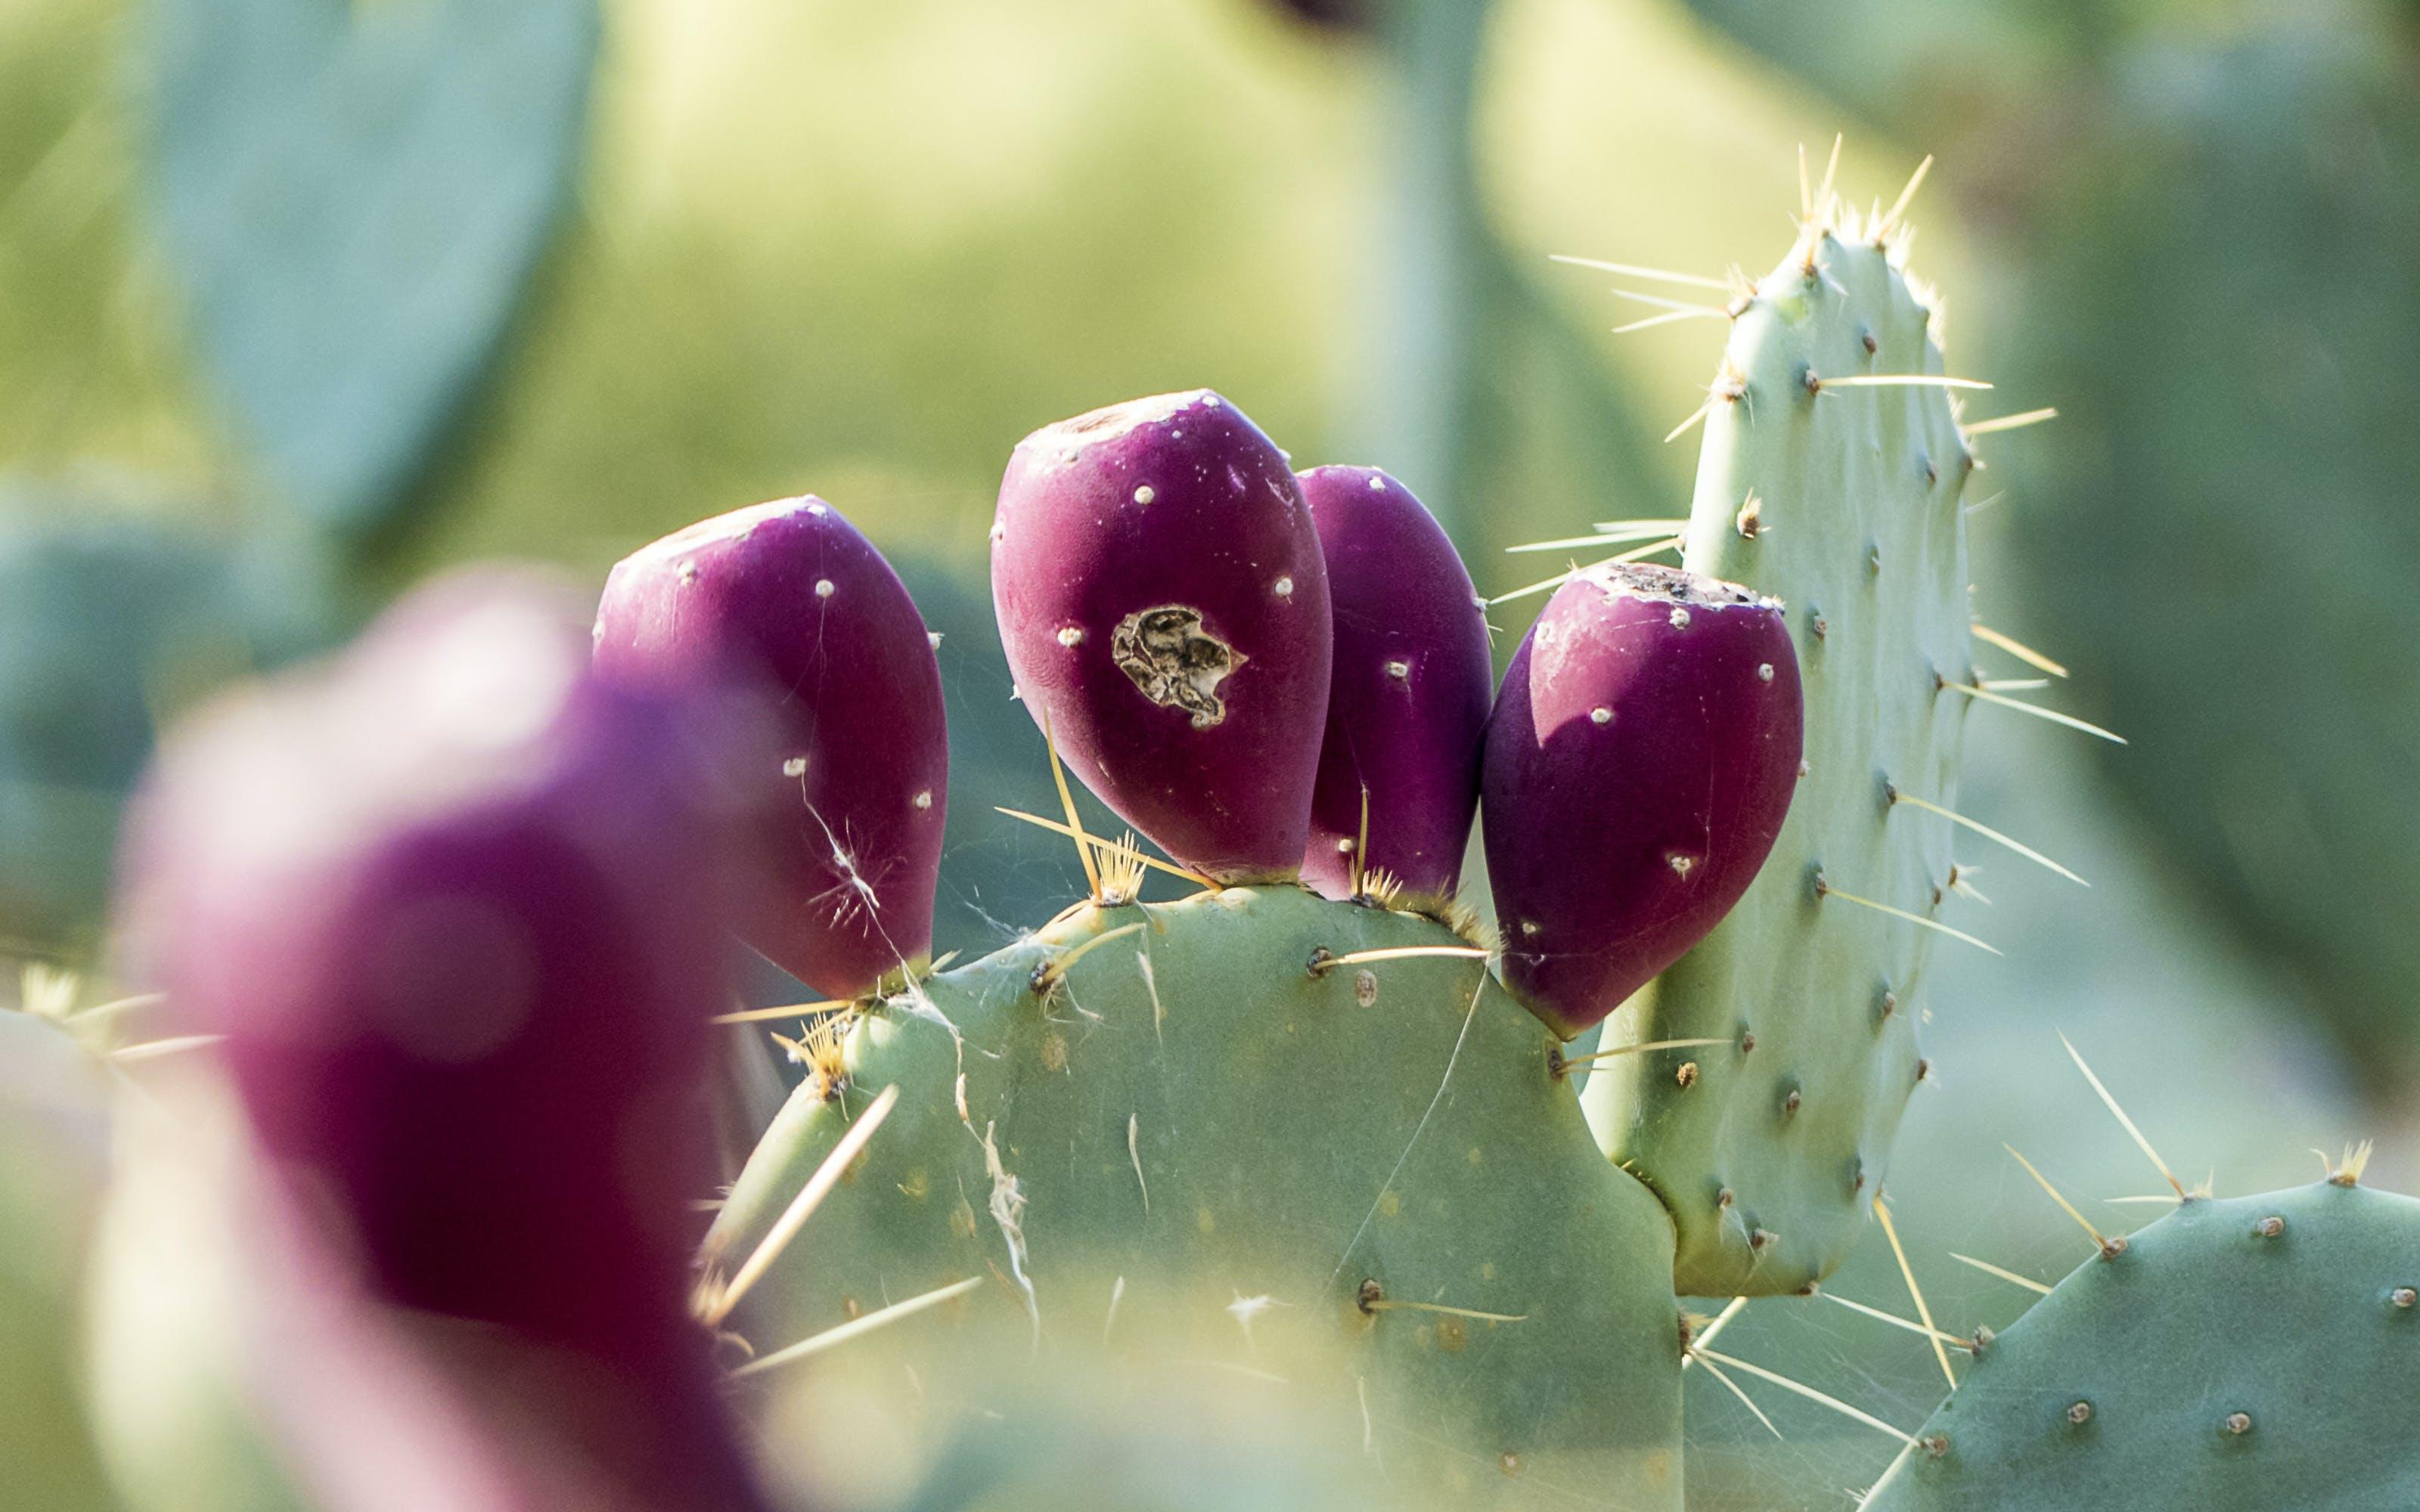 Δωρεάν στοκ φωτογραφιών με φρούτα κάκτων